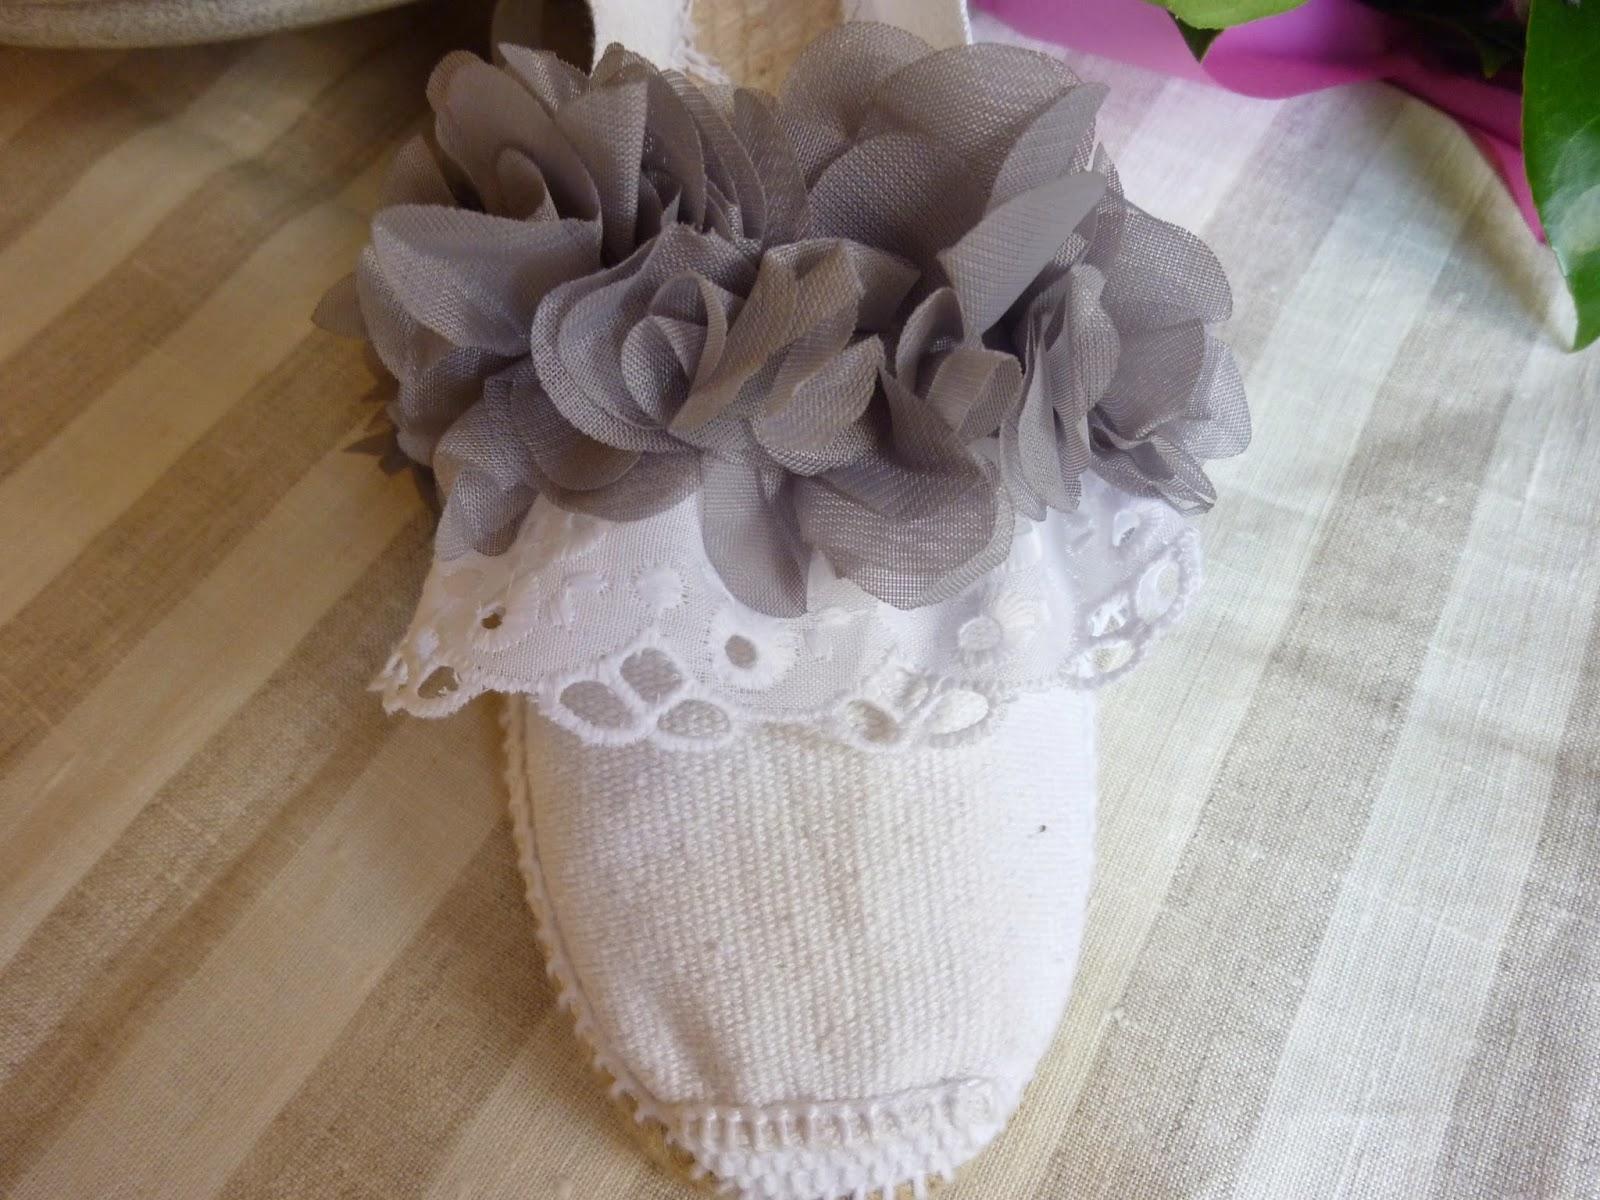 Y aquí, dos versiones del mismo modelo, la una con las flores en gris y la otra con las flores en color tostado.